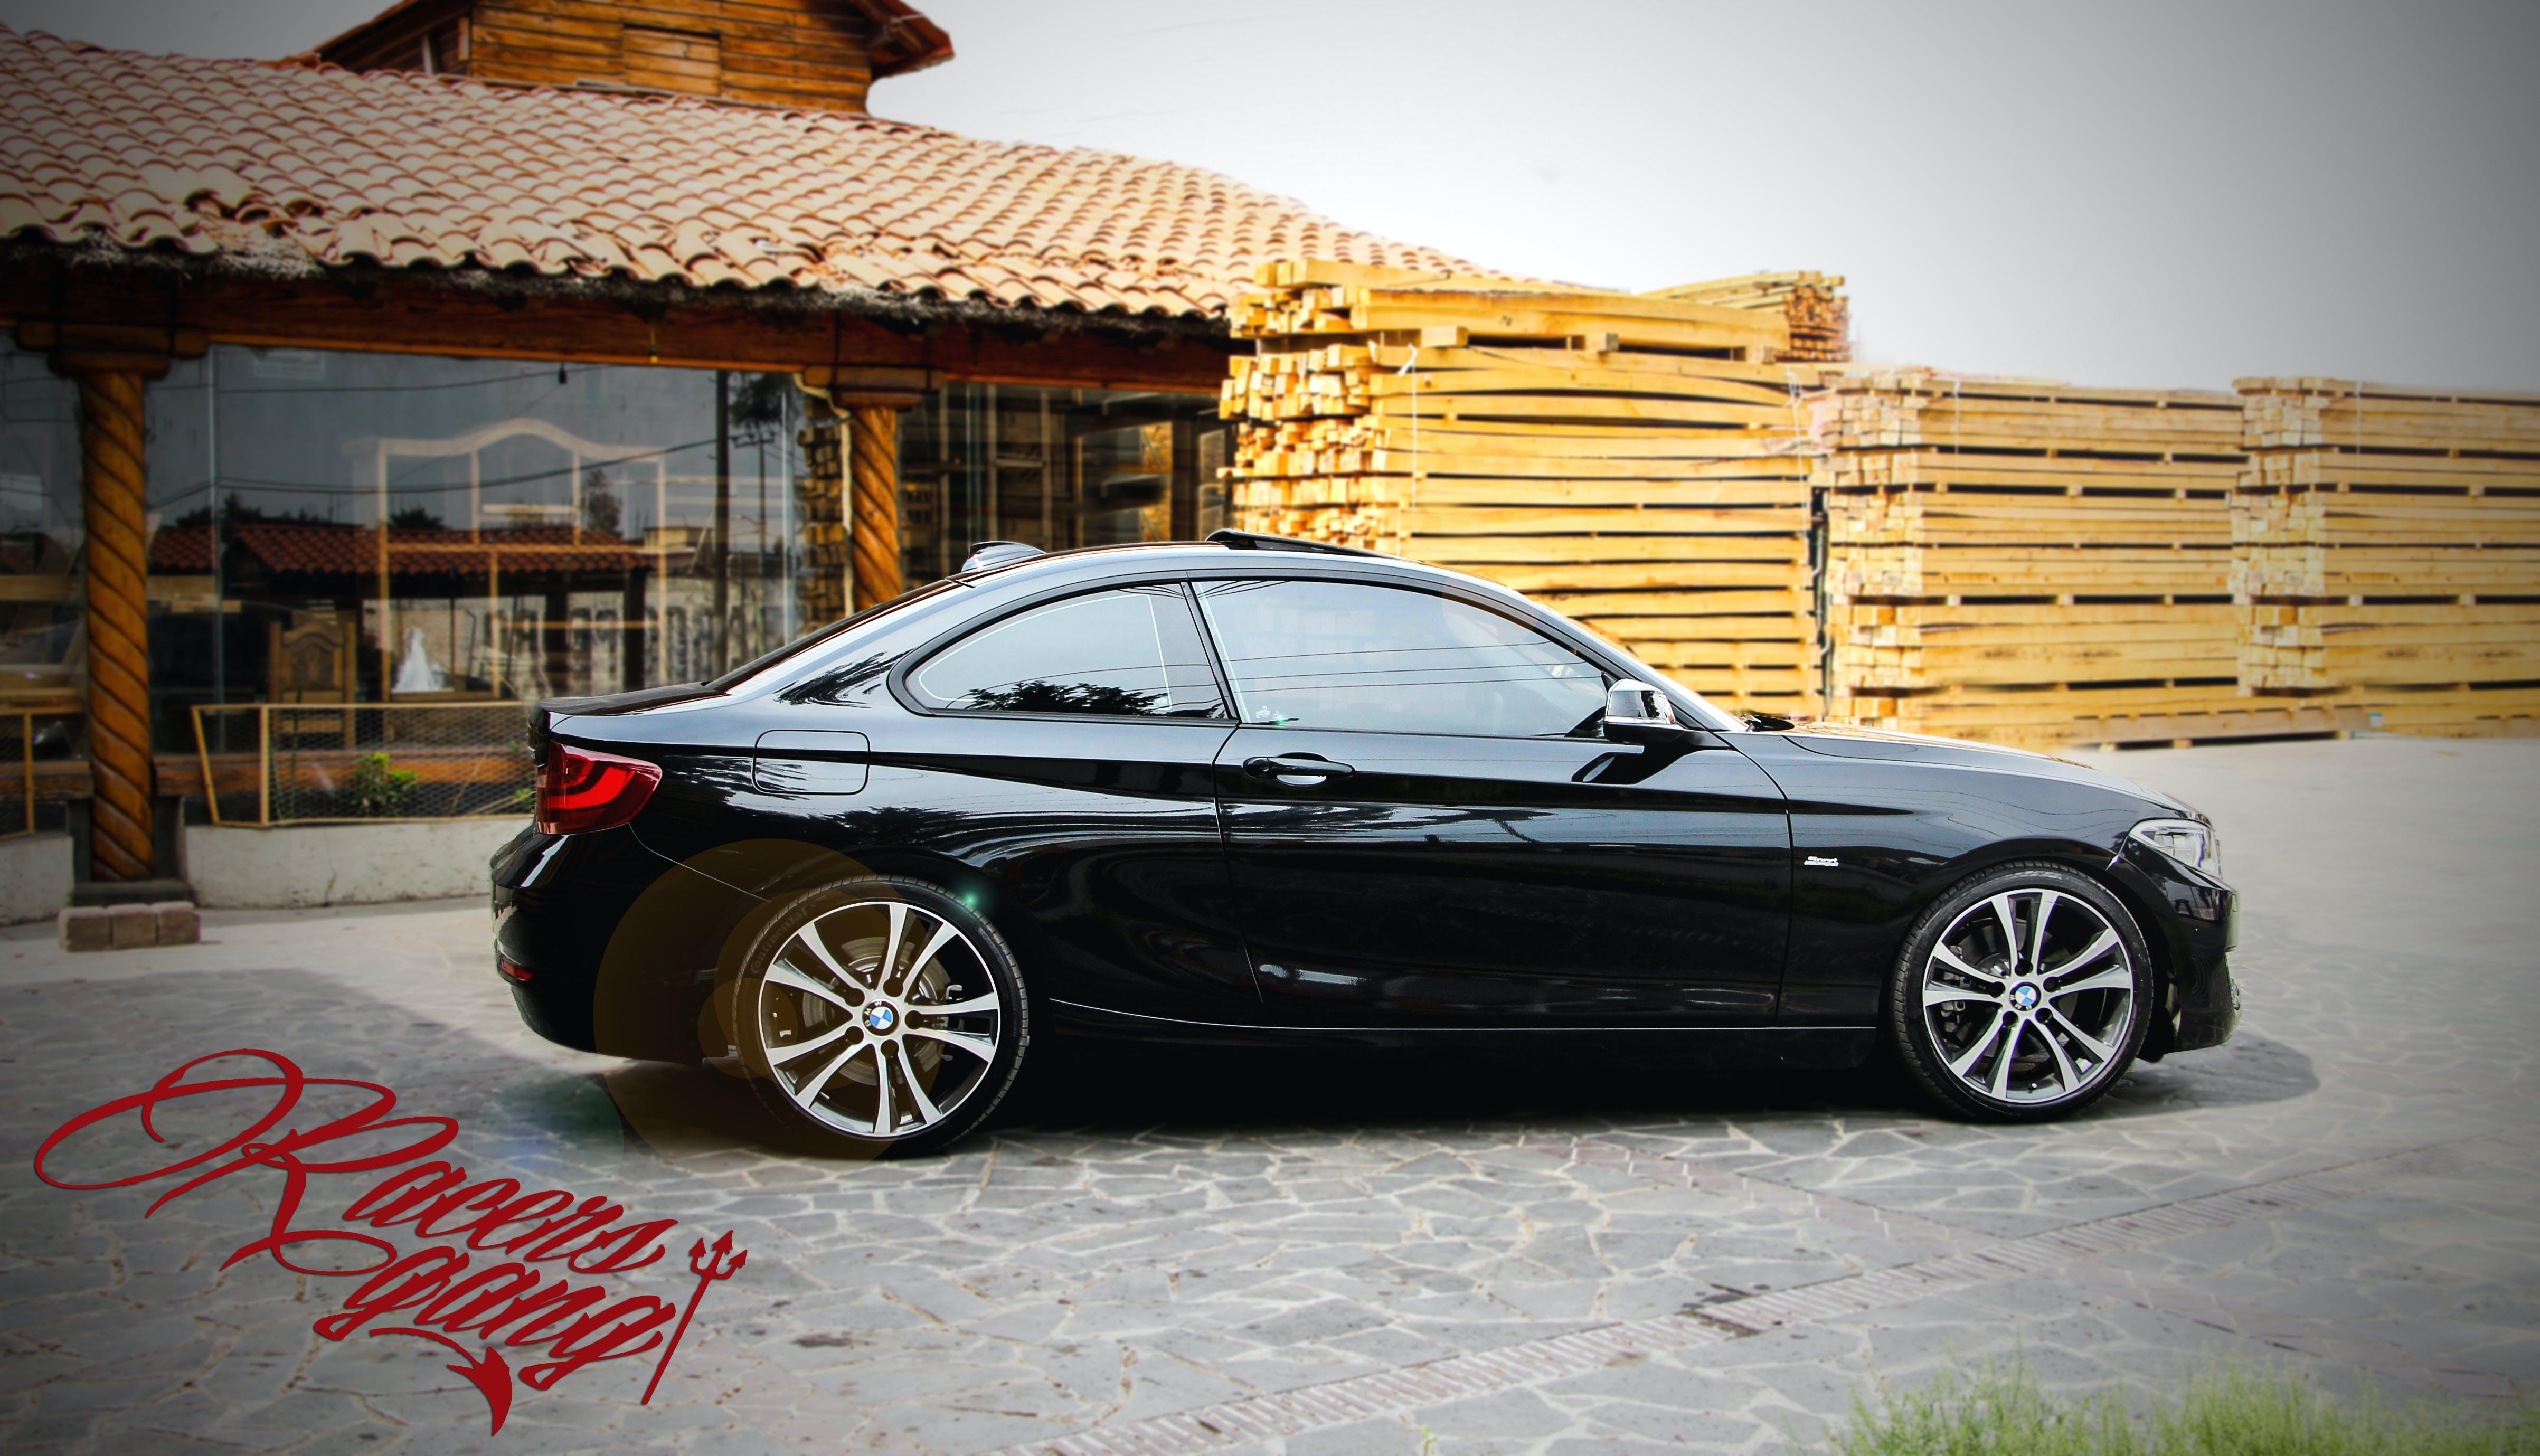 Free stock photo of #car #pretty #bmw